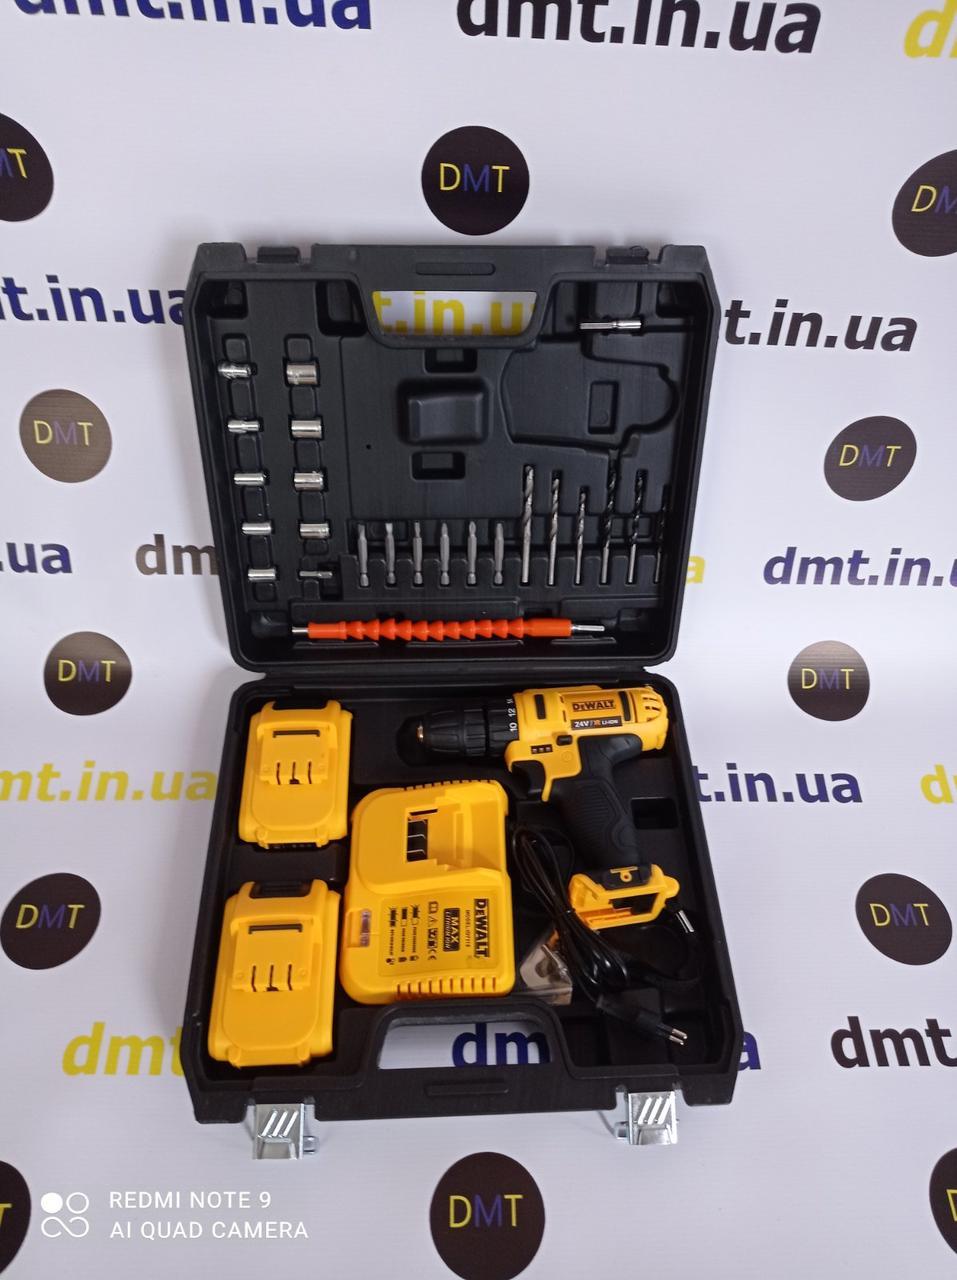 Шуруповерт DeWalt DCD700 и набор инструментов в кейсе реплика